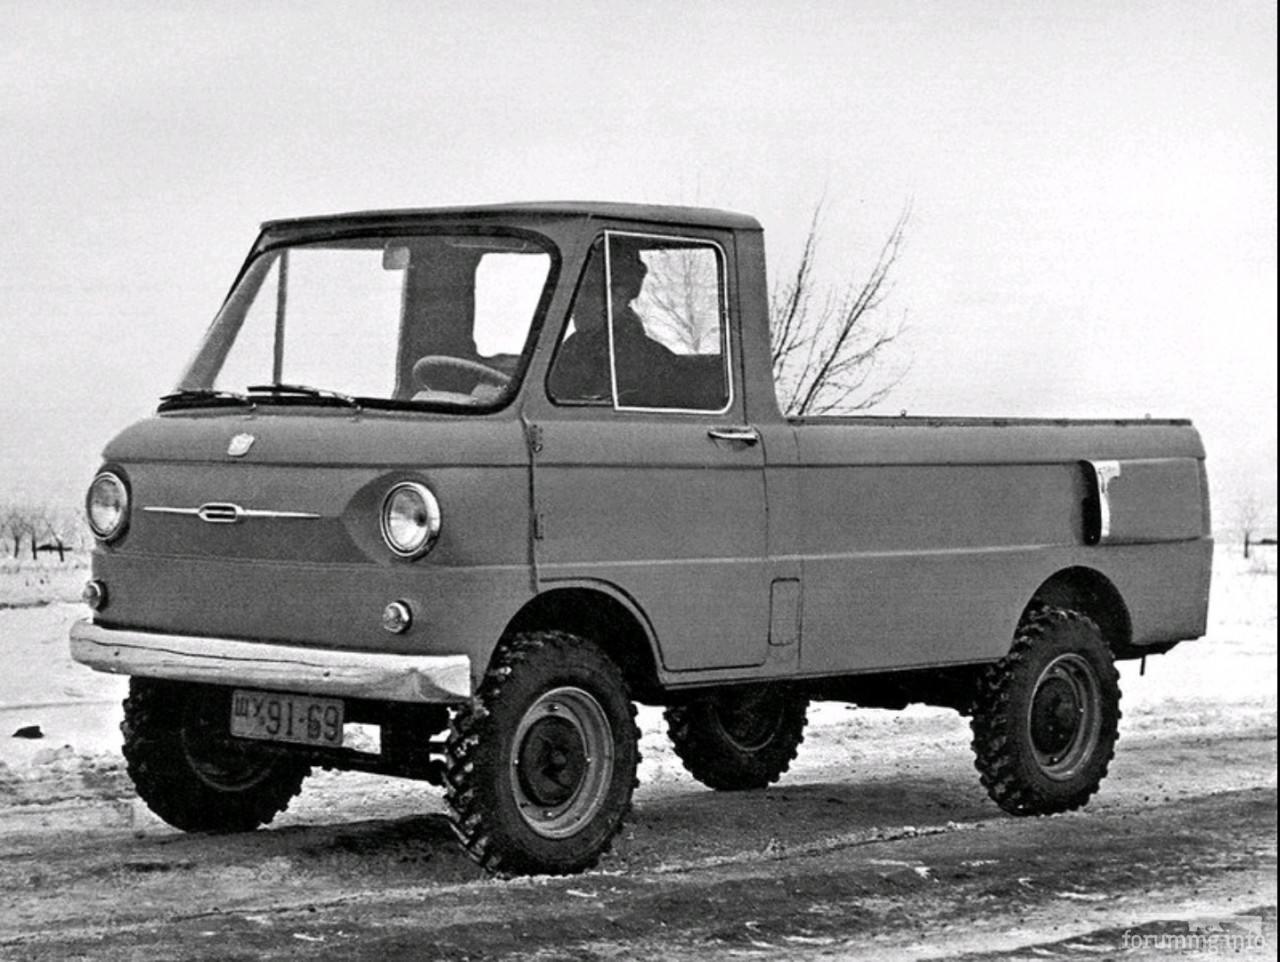 136712 - Автопром СССР